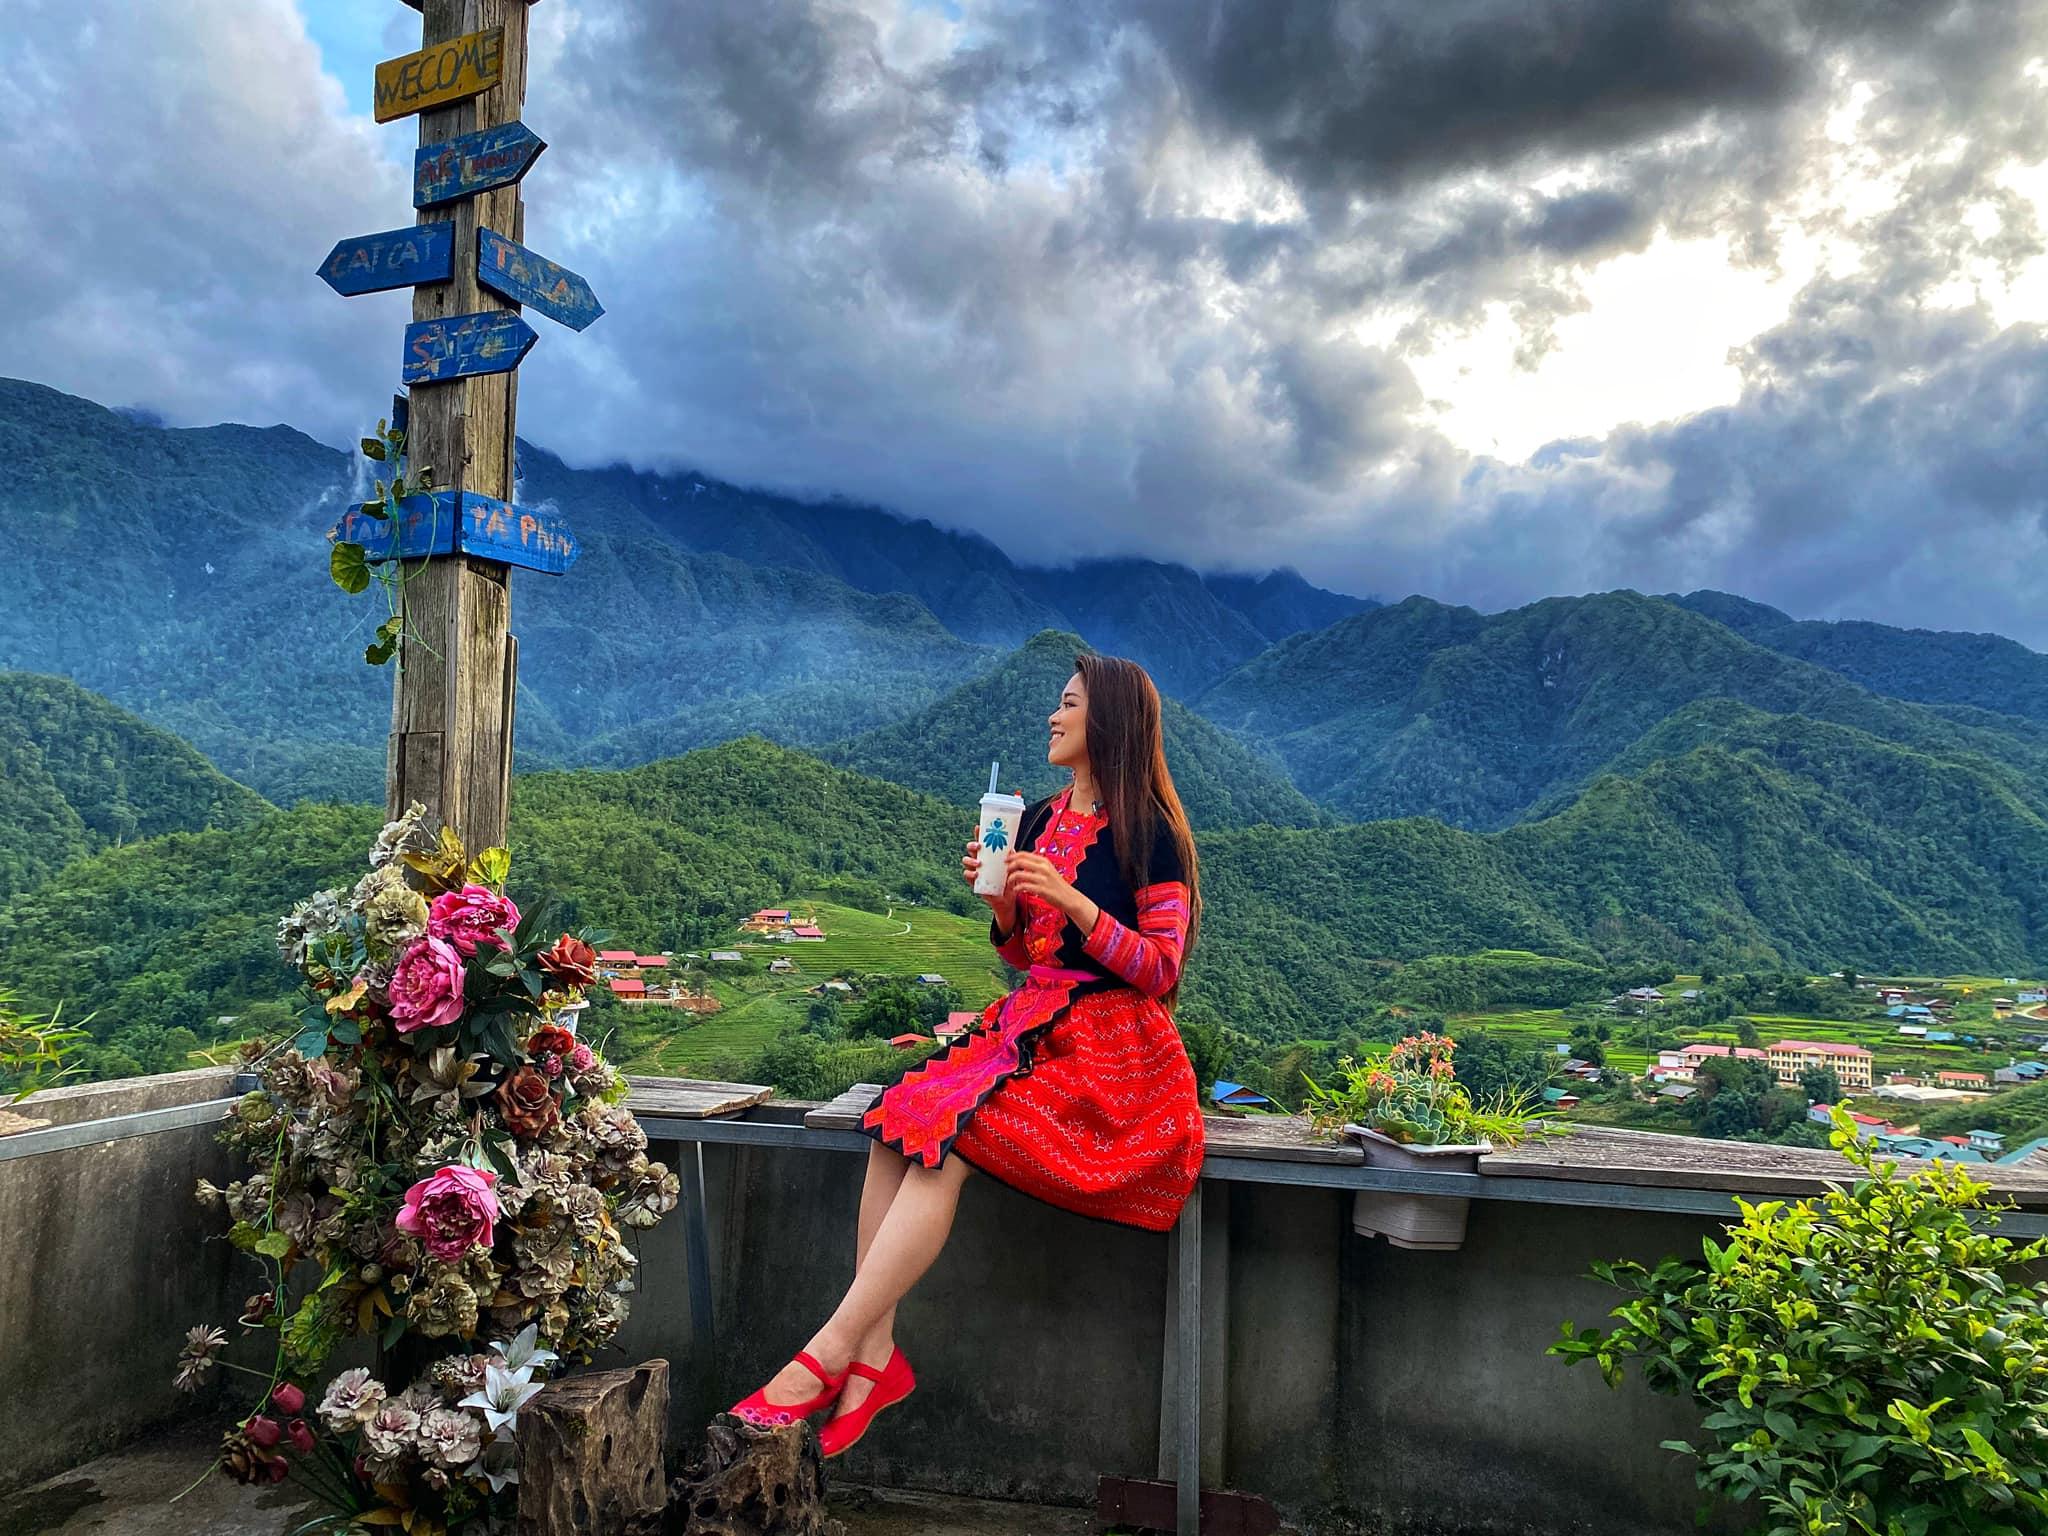 Tour du lịch Sapa từ Quảng Ninh: Rộn rã ngày hè với những gói tour cực ưu đãi  - Ảnh 10.